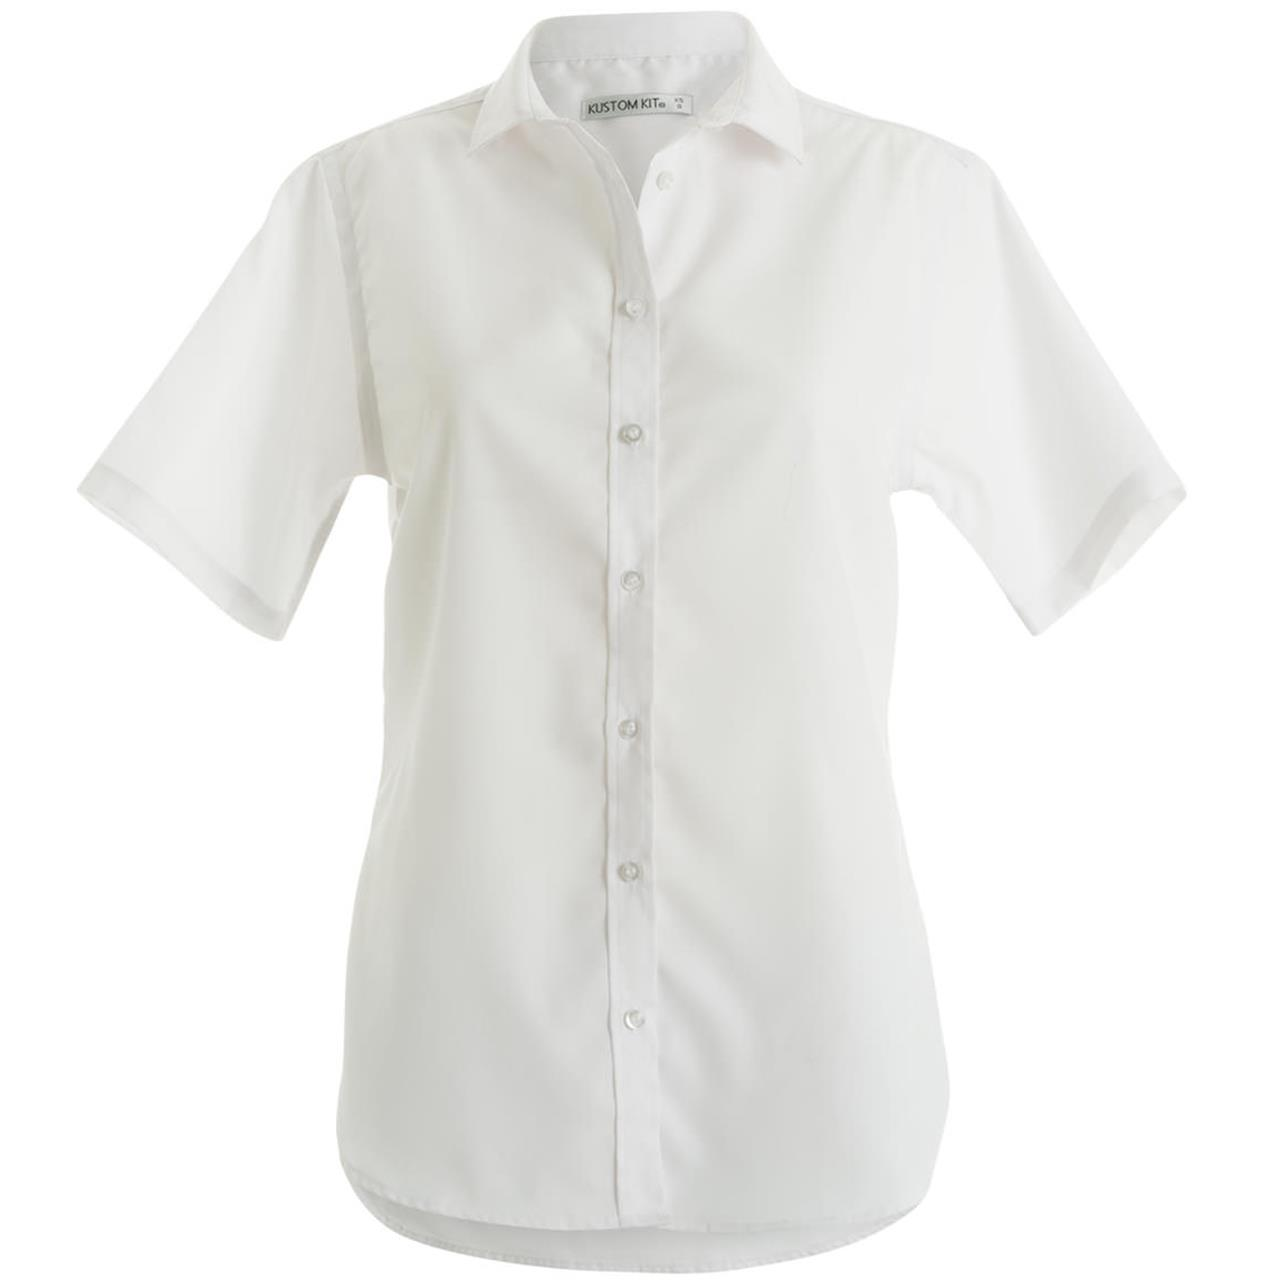 Womens Kustom Kit Non Iron Cotton Button Collared Short